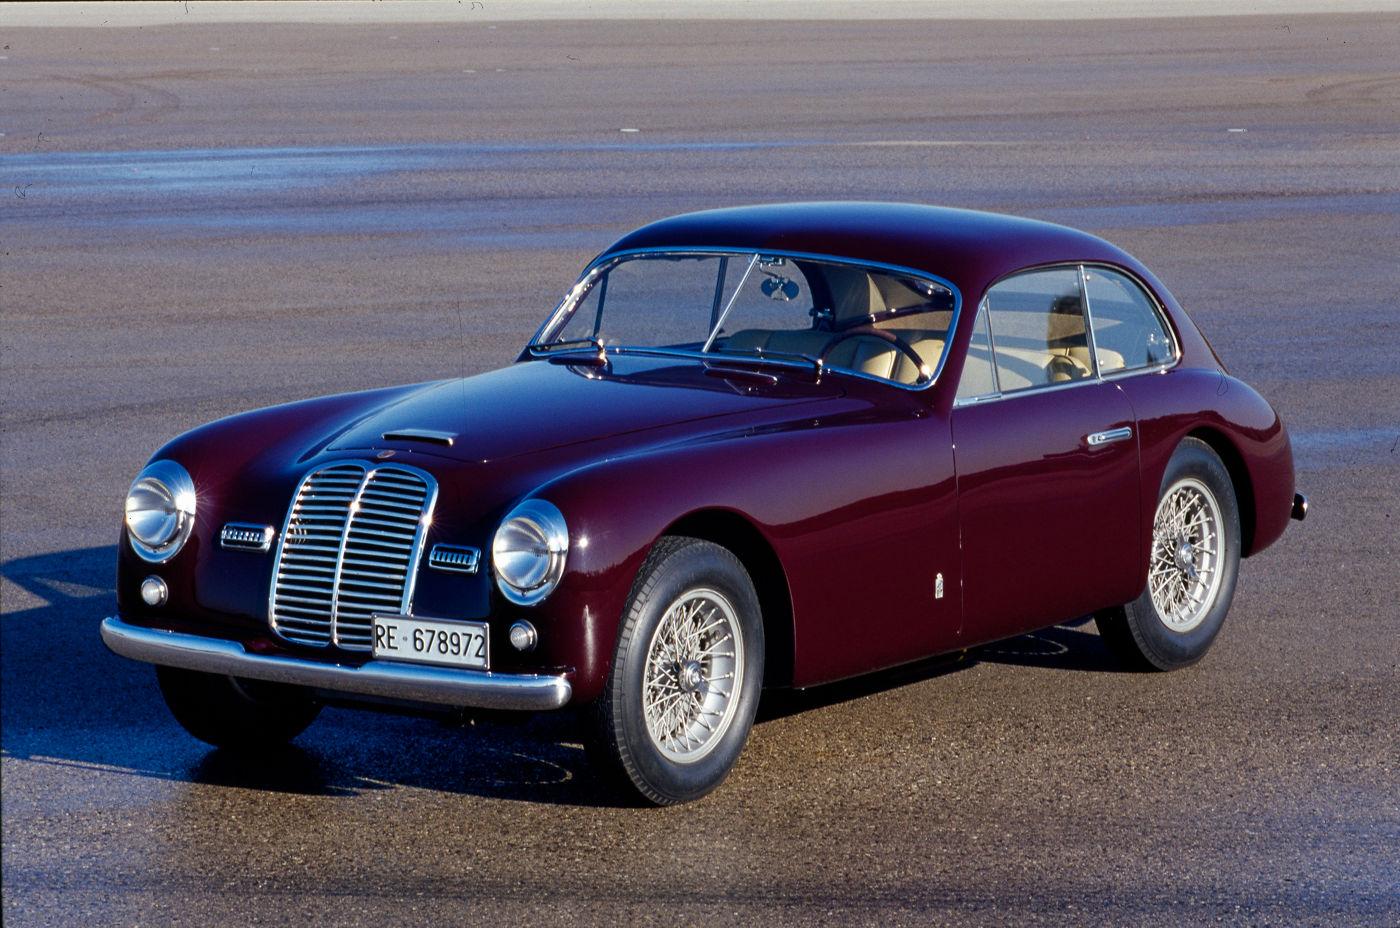 Maserati Classic - 1500 GranTurismo - carrosserie rouge - vue latérale